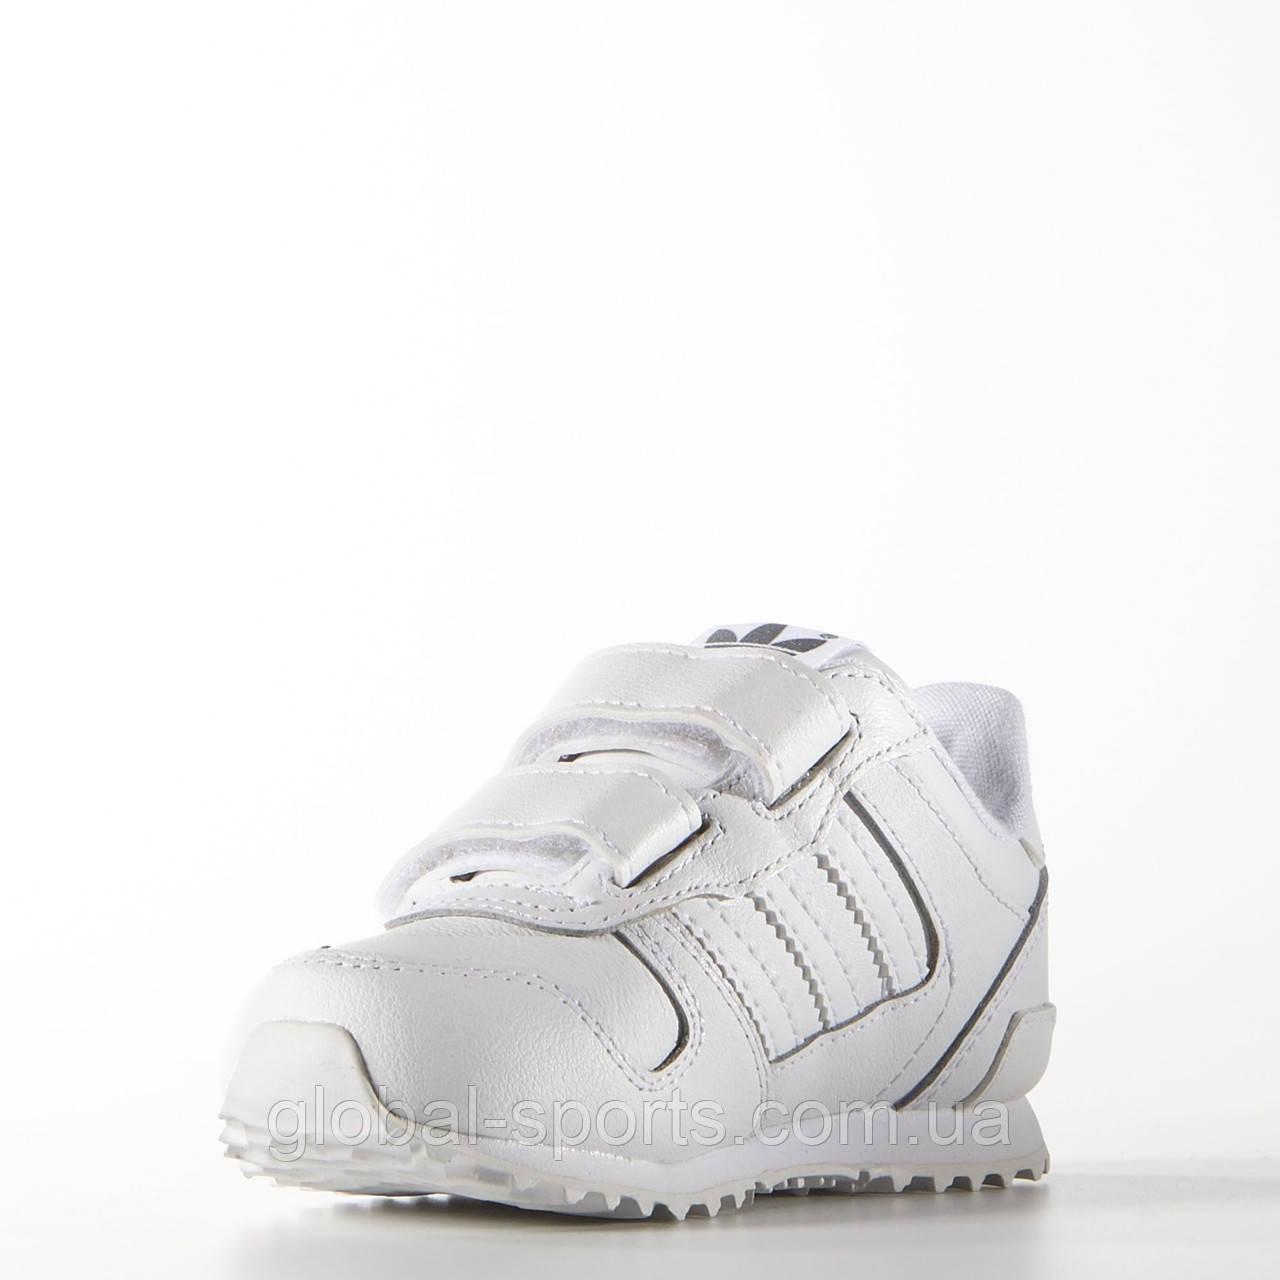 4026e23e73ccb Детские Кроссовки Adidas ZX700 KIDS